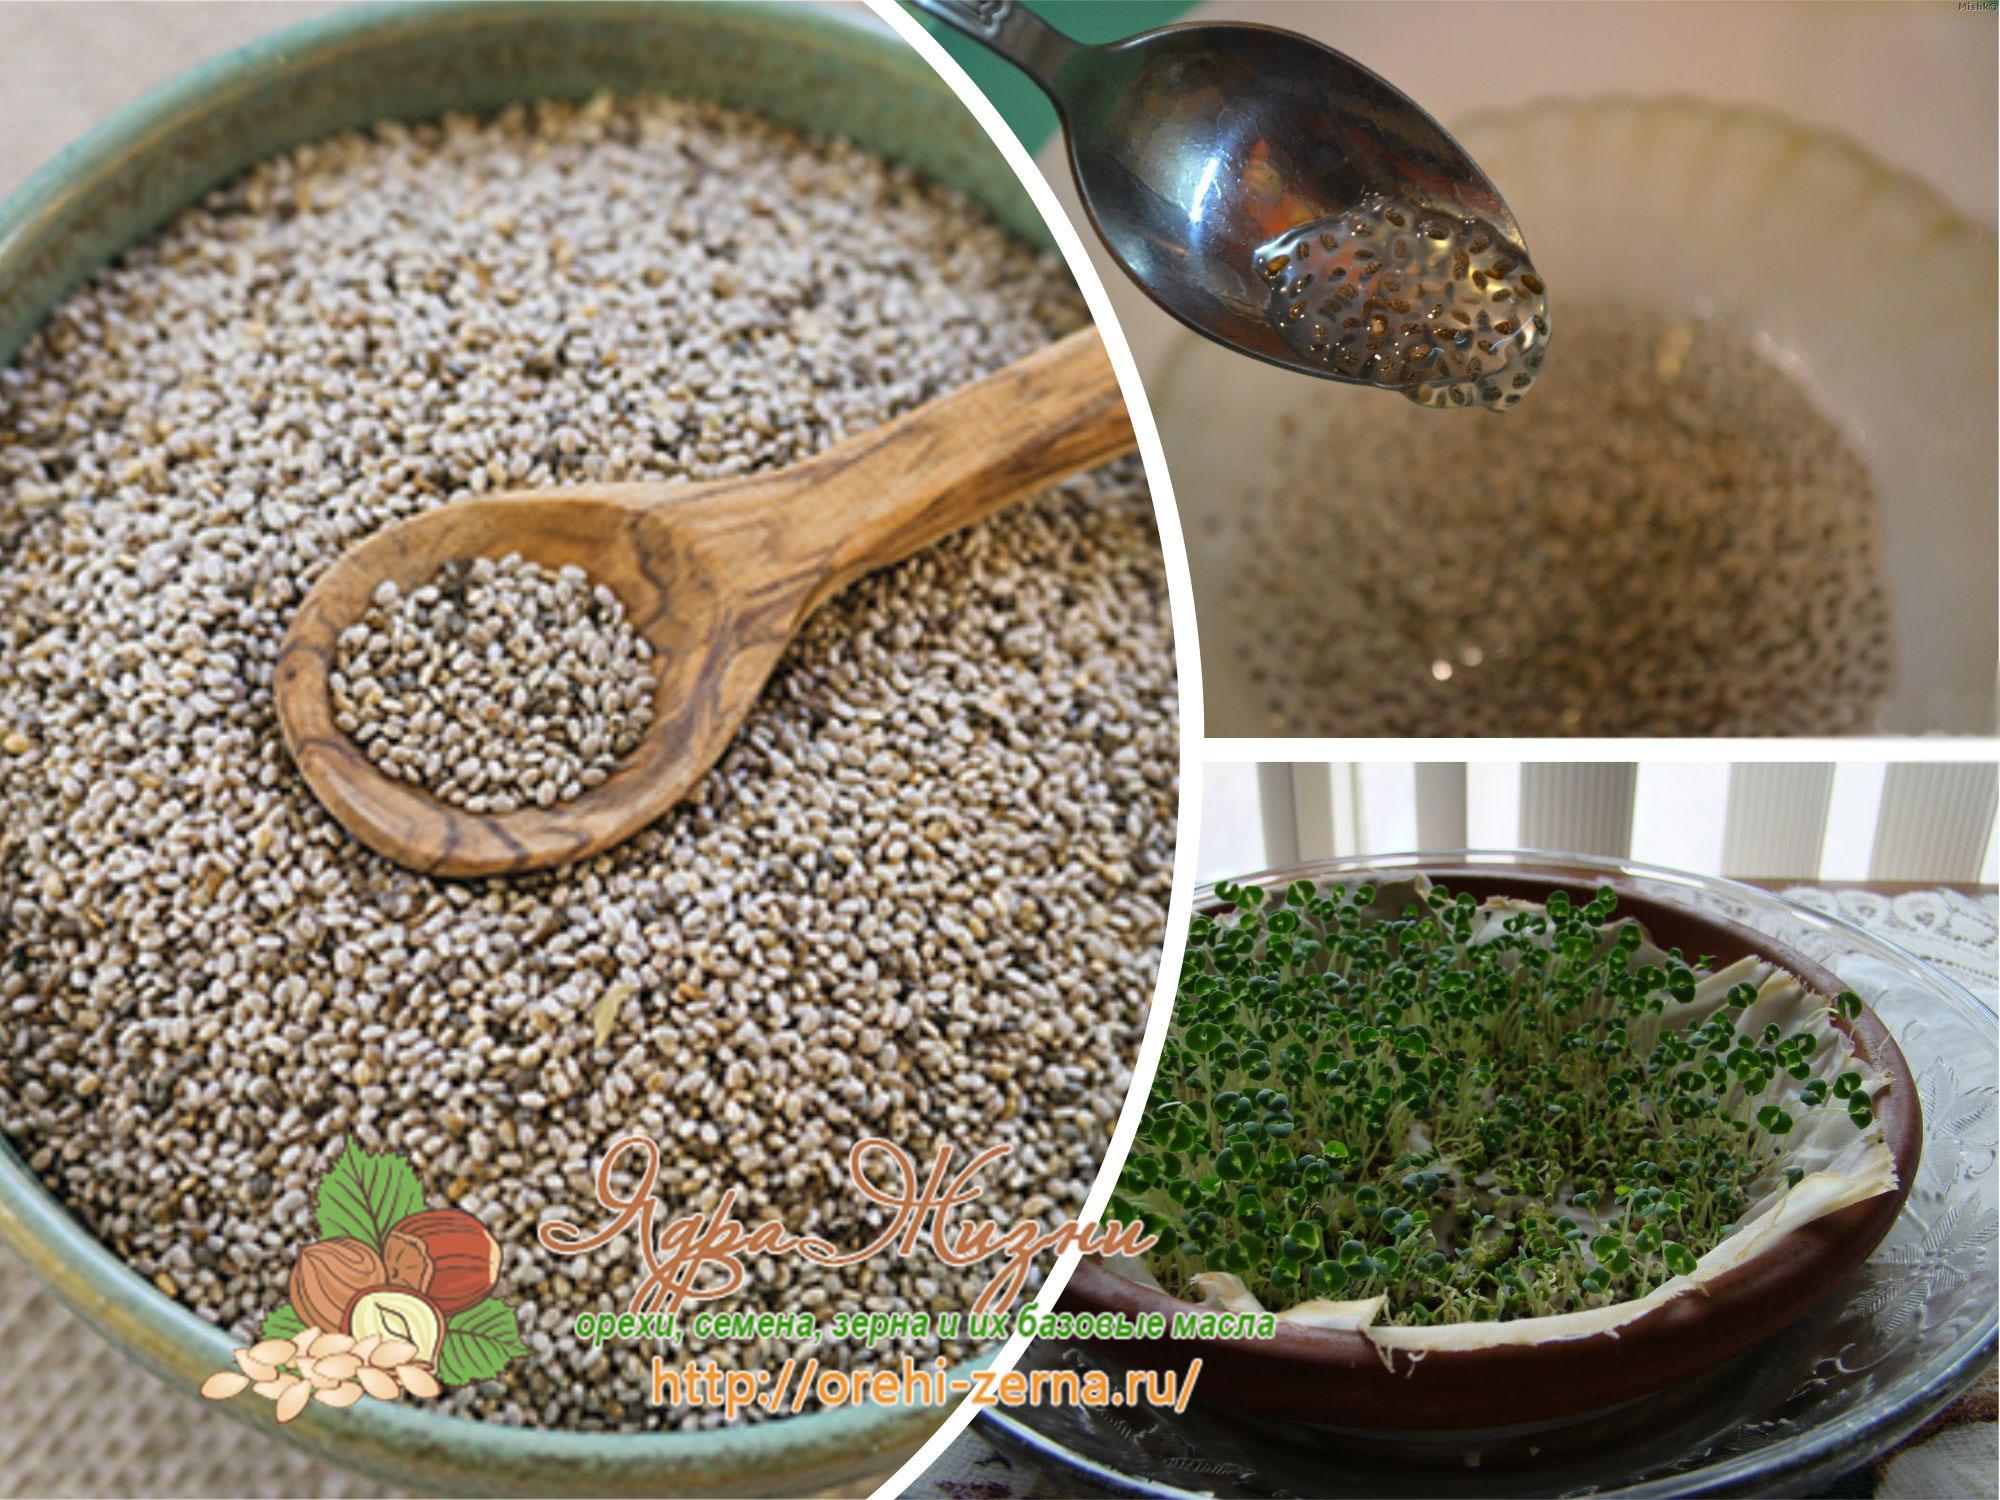 Как проращивать семена чиа в домашних условиях